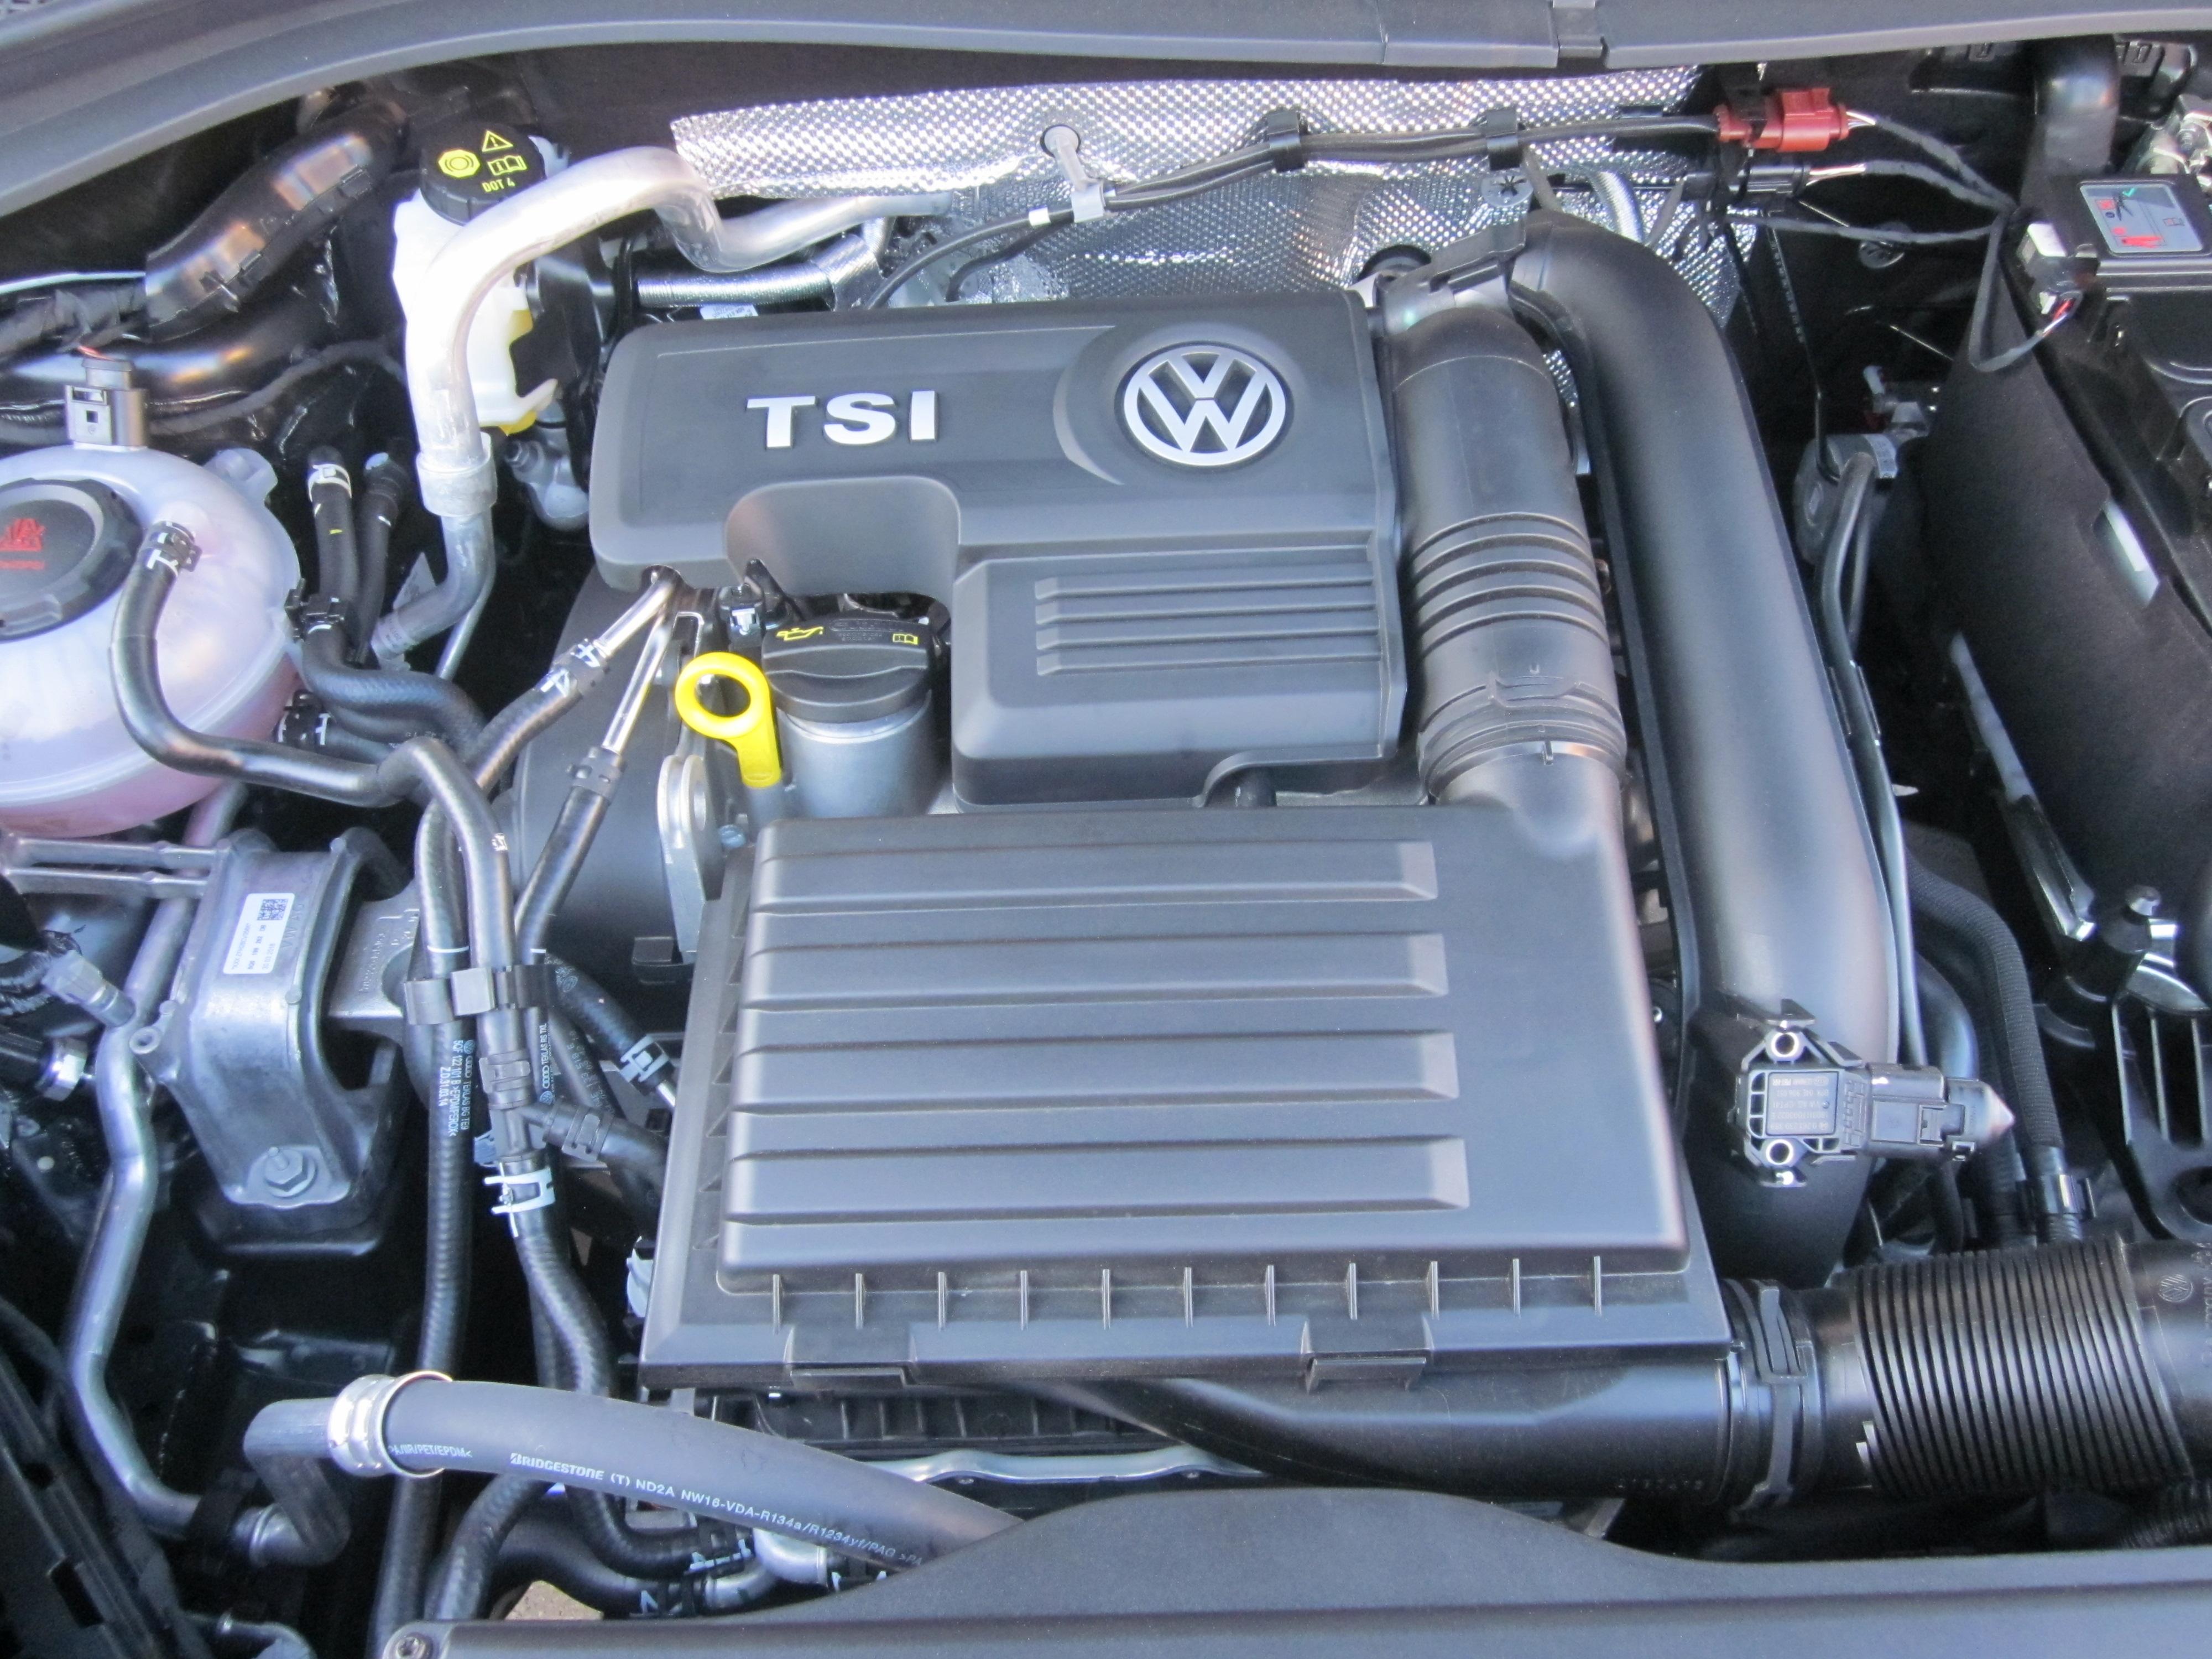 1 4 TSI Engine Cover - Skoda Kodiaq - BRISKODA